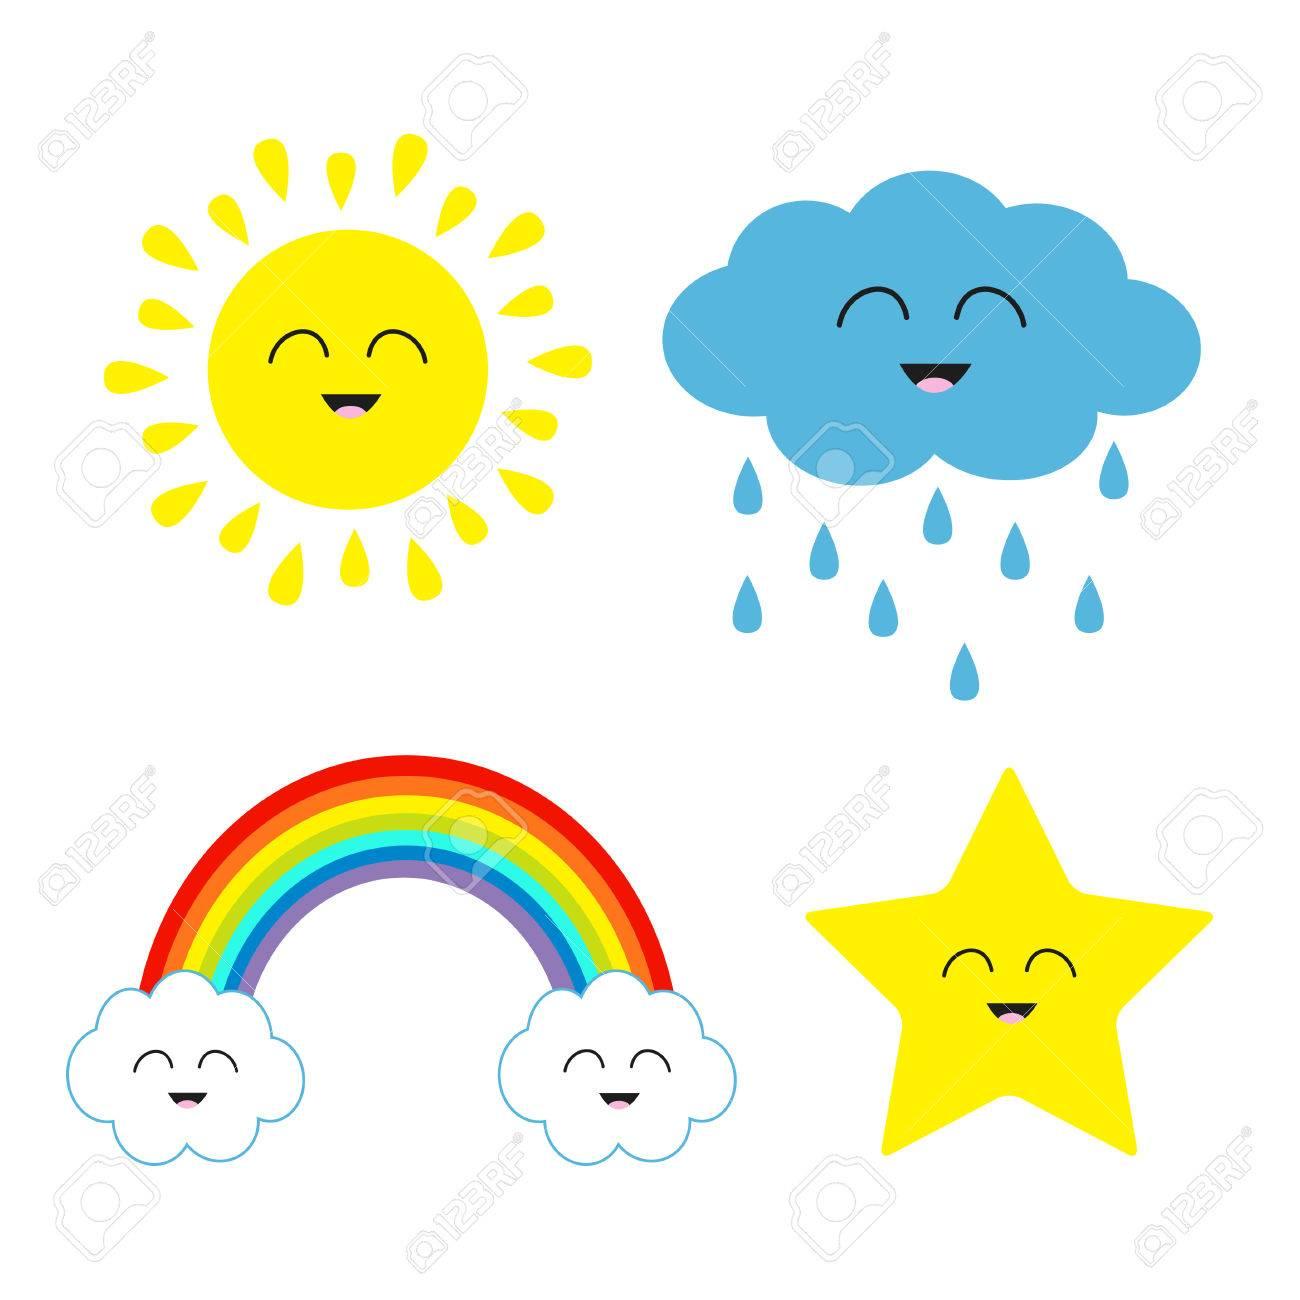 Sol De La Historieta Linda Nube De Lluvia Estrella Juego De Arco Iris La Cara Sonriente Emoción Aislado Fondo Blanco Del Bebé Colección Charcter